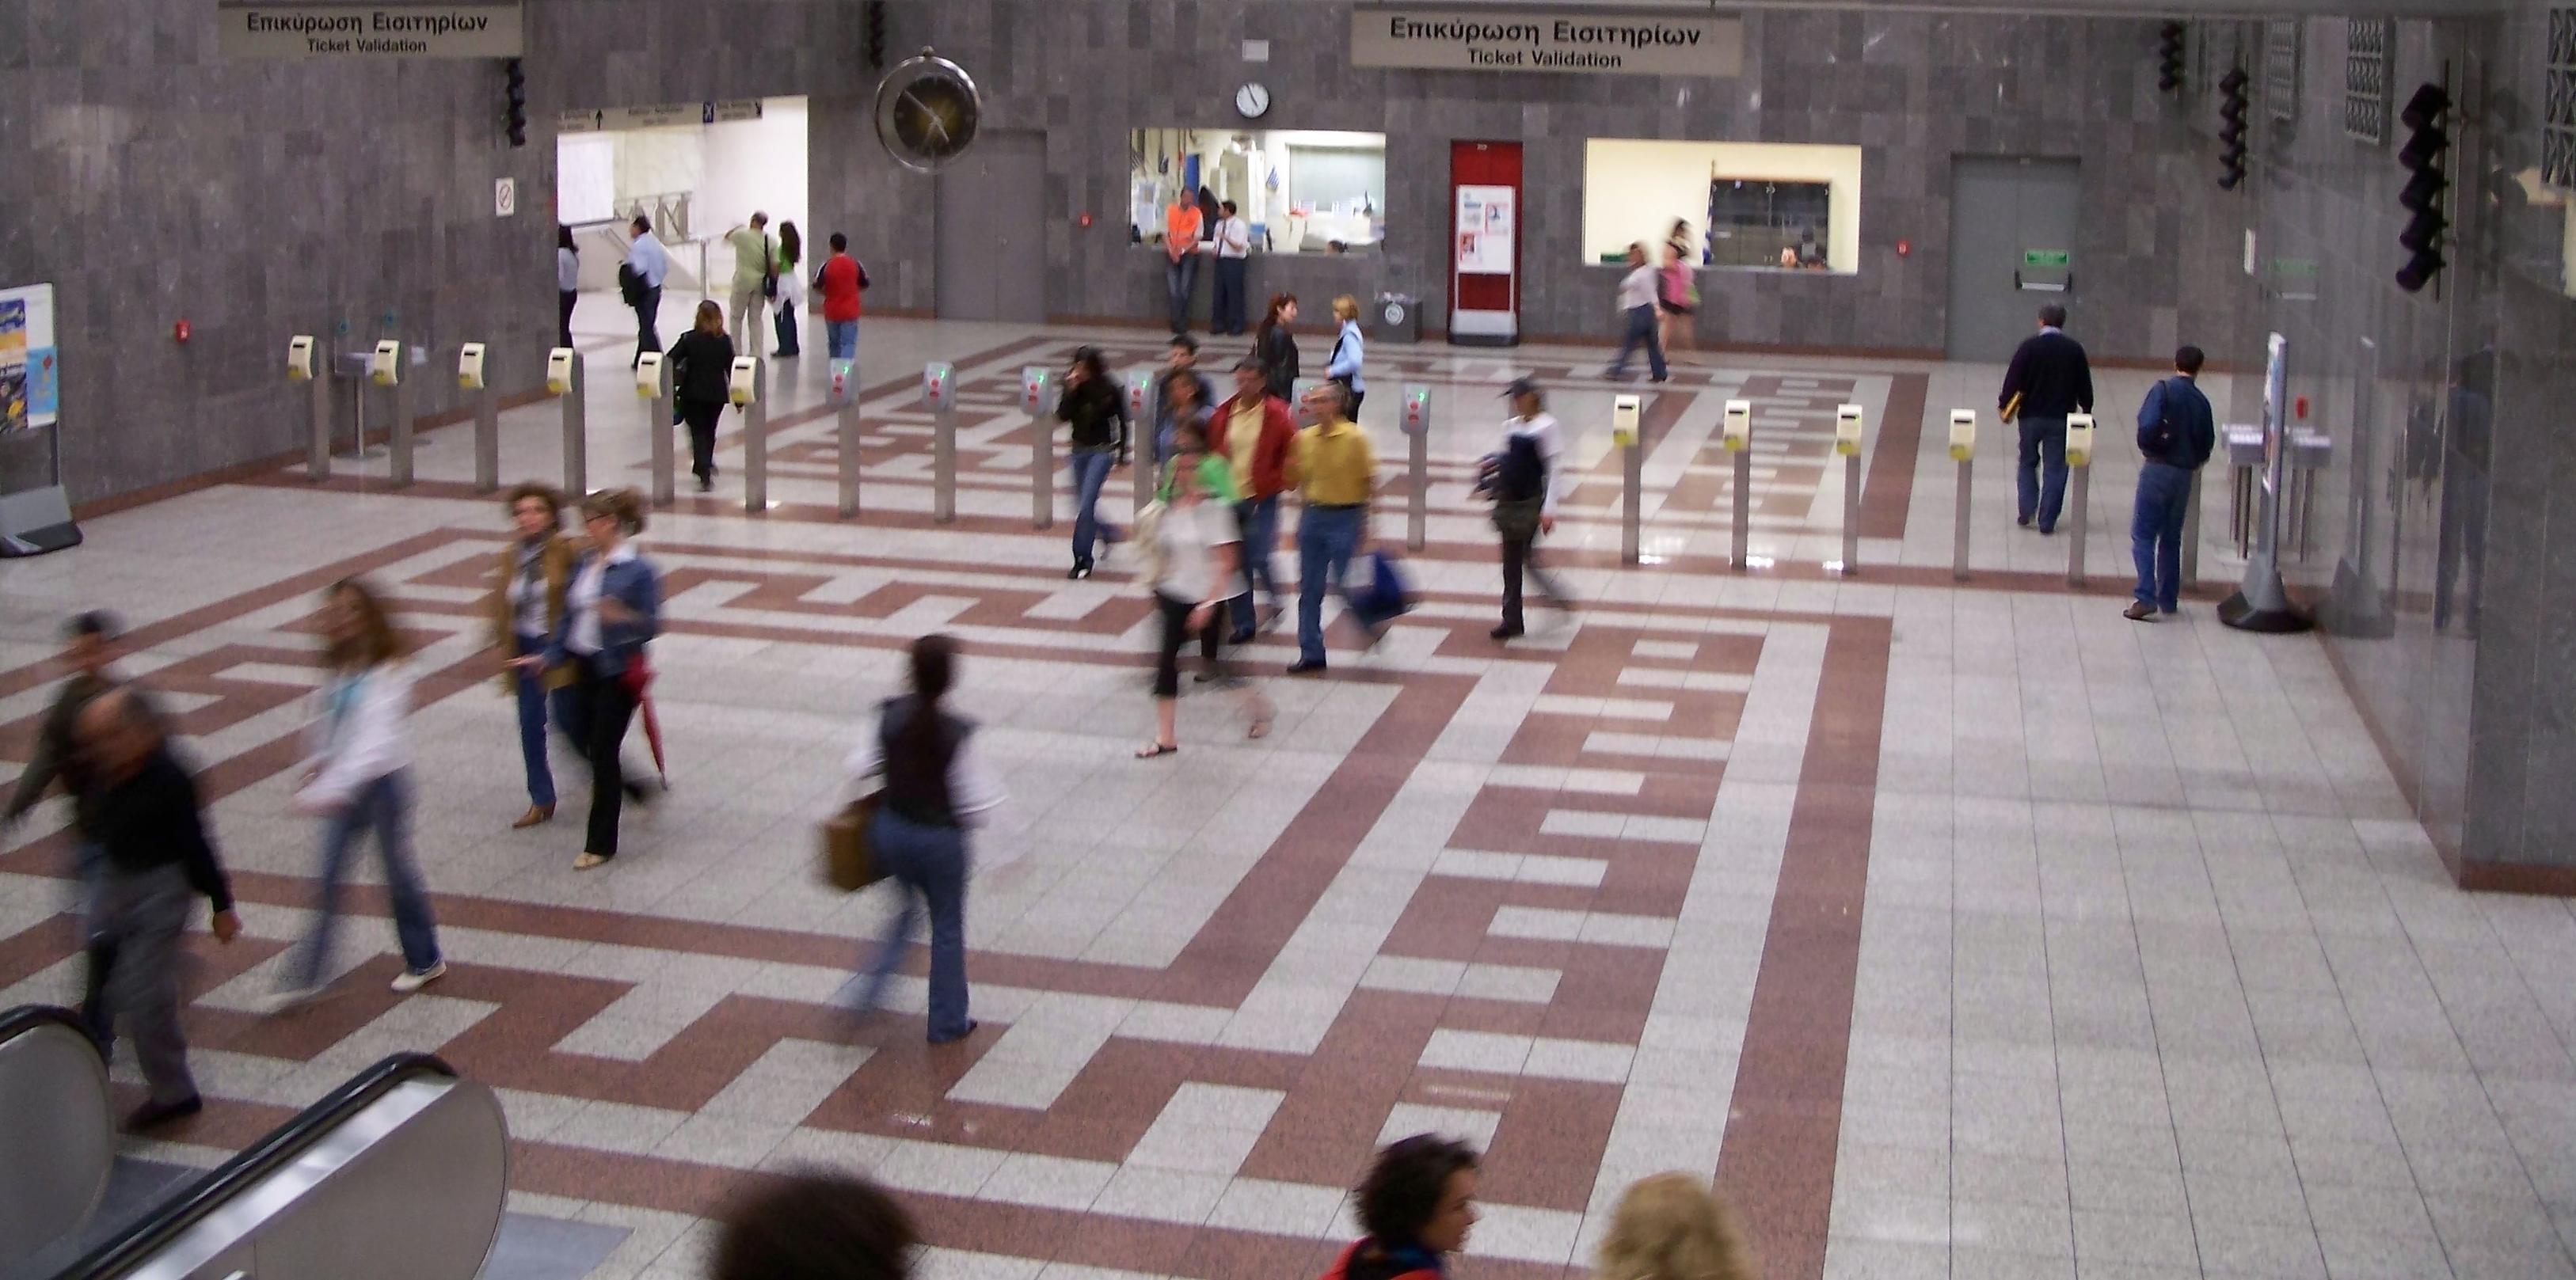 Athens_Metro_Syntagma_Station_3